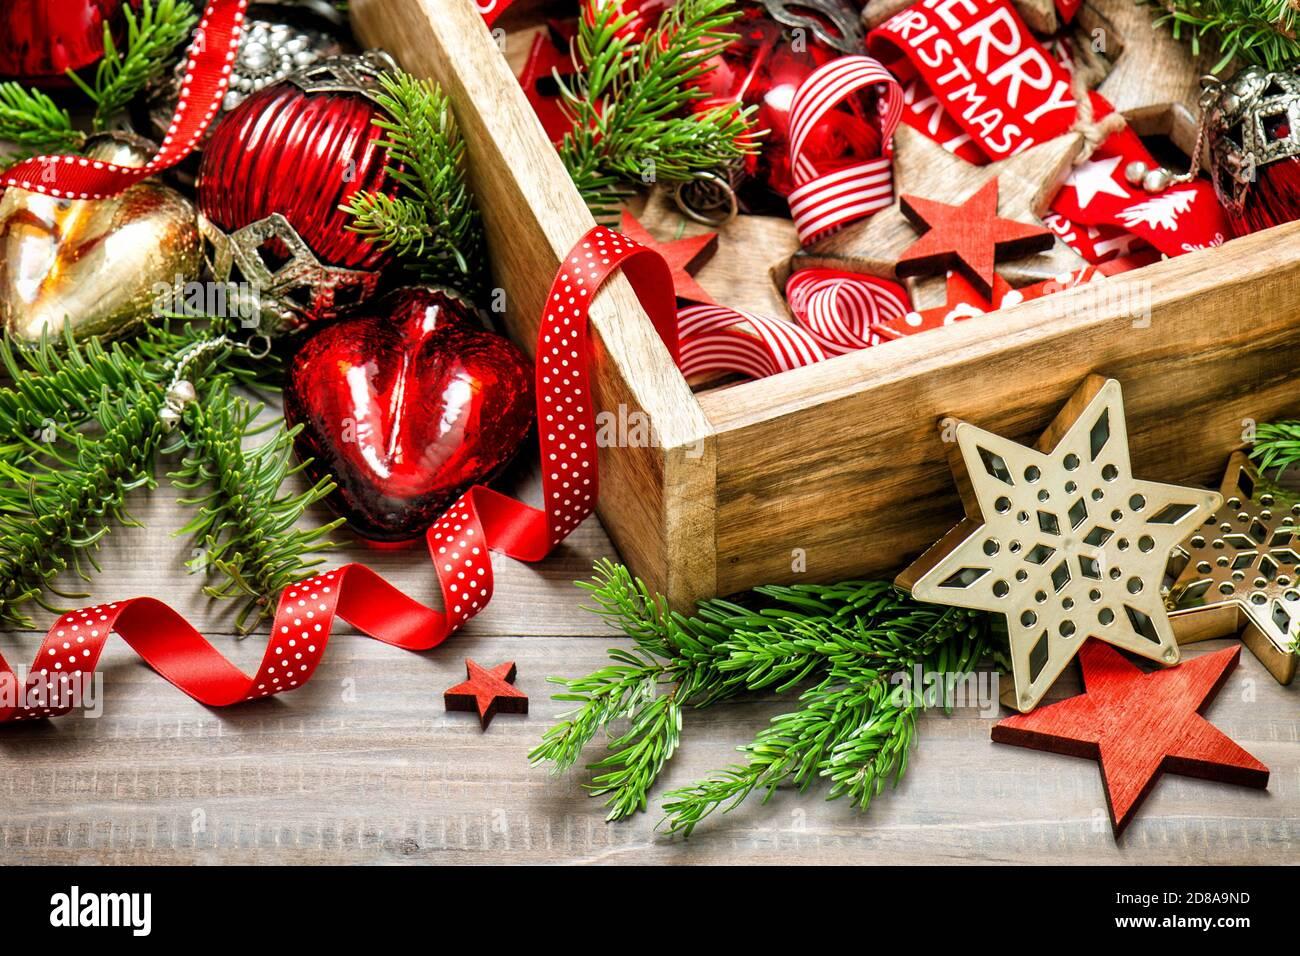 Décoration de Noël vintage rouge or ornements fond en bois Banque D'Images